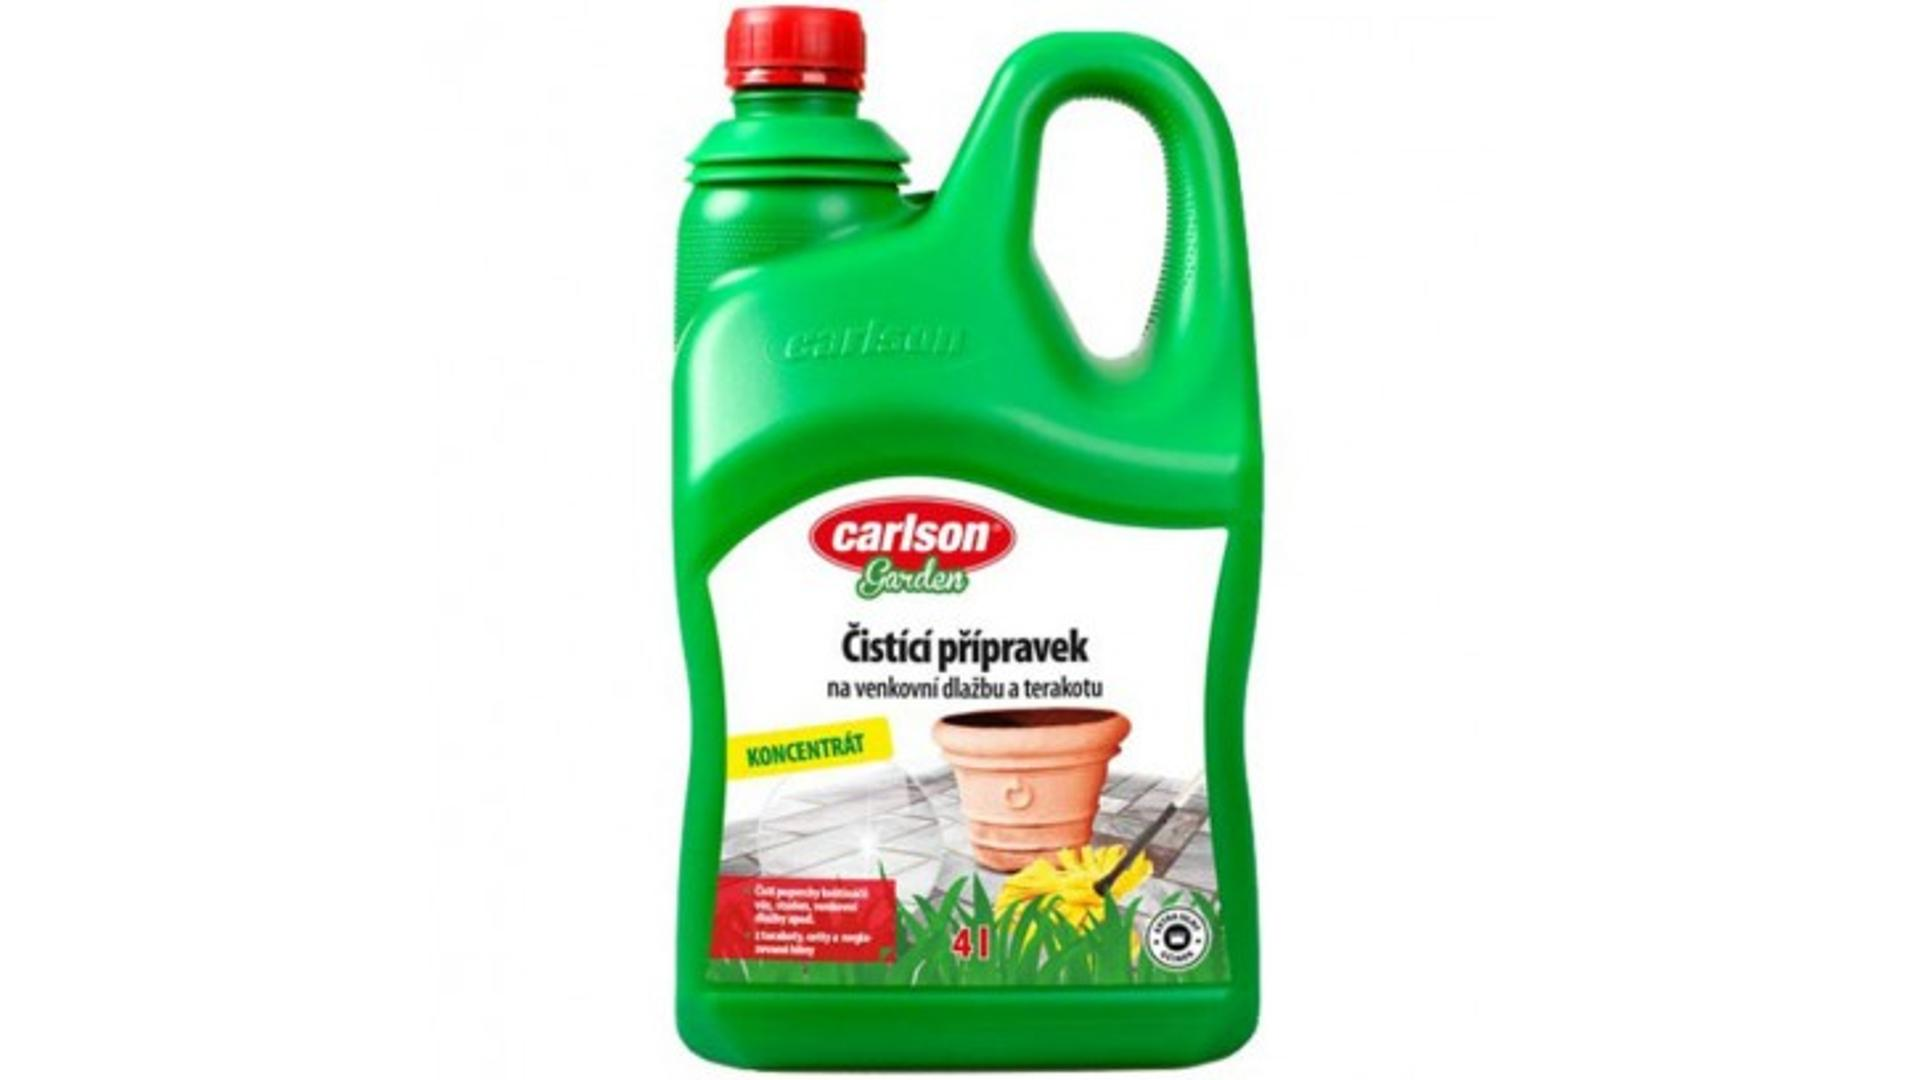 CARLSON čistící přípravek na dlažby a vnější dlažbu 4l